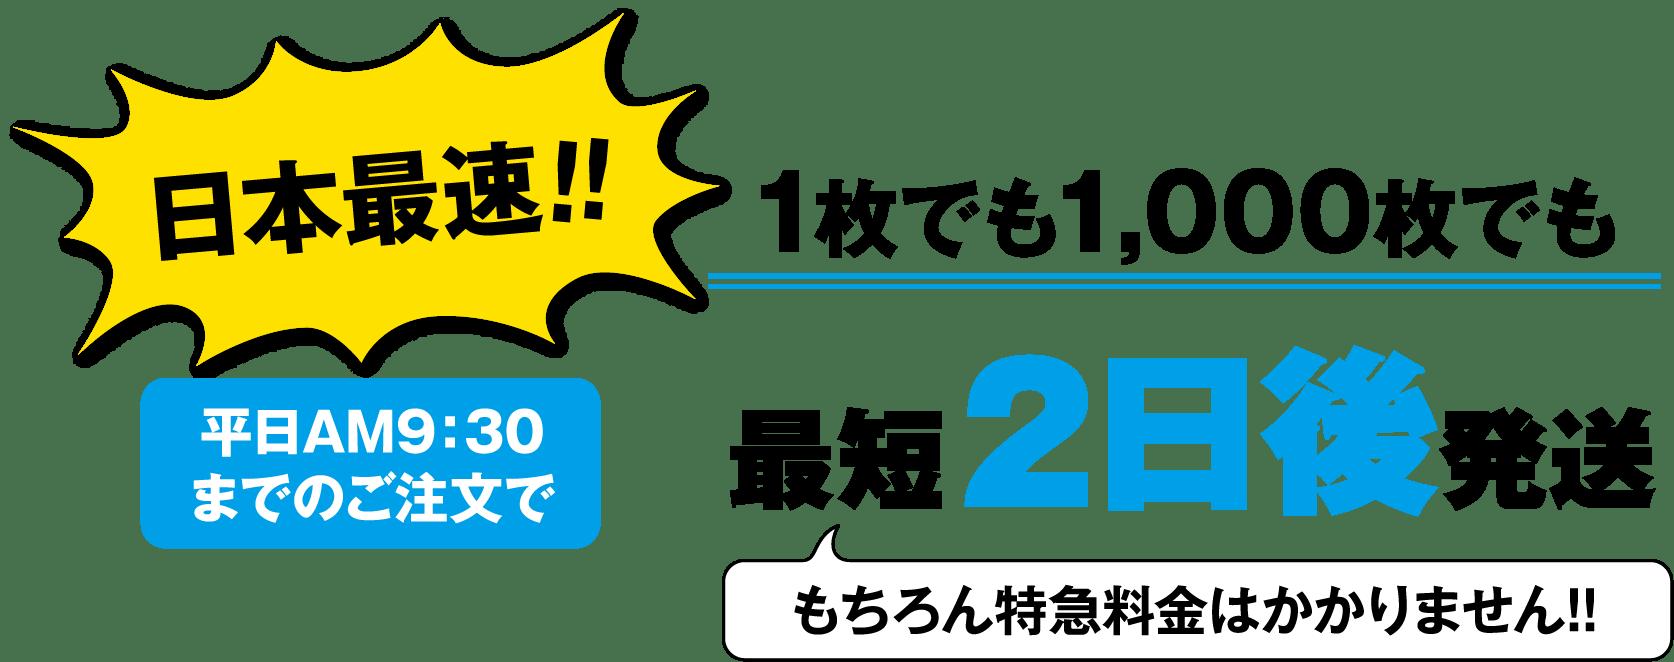 日本最速!